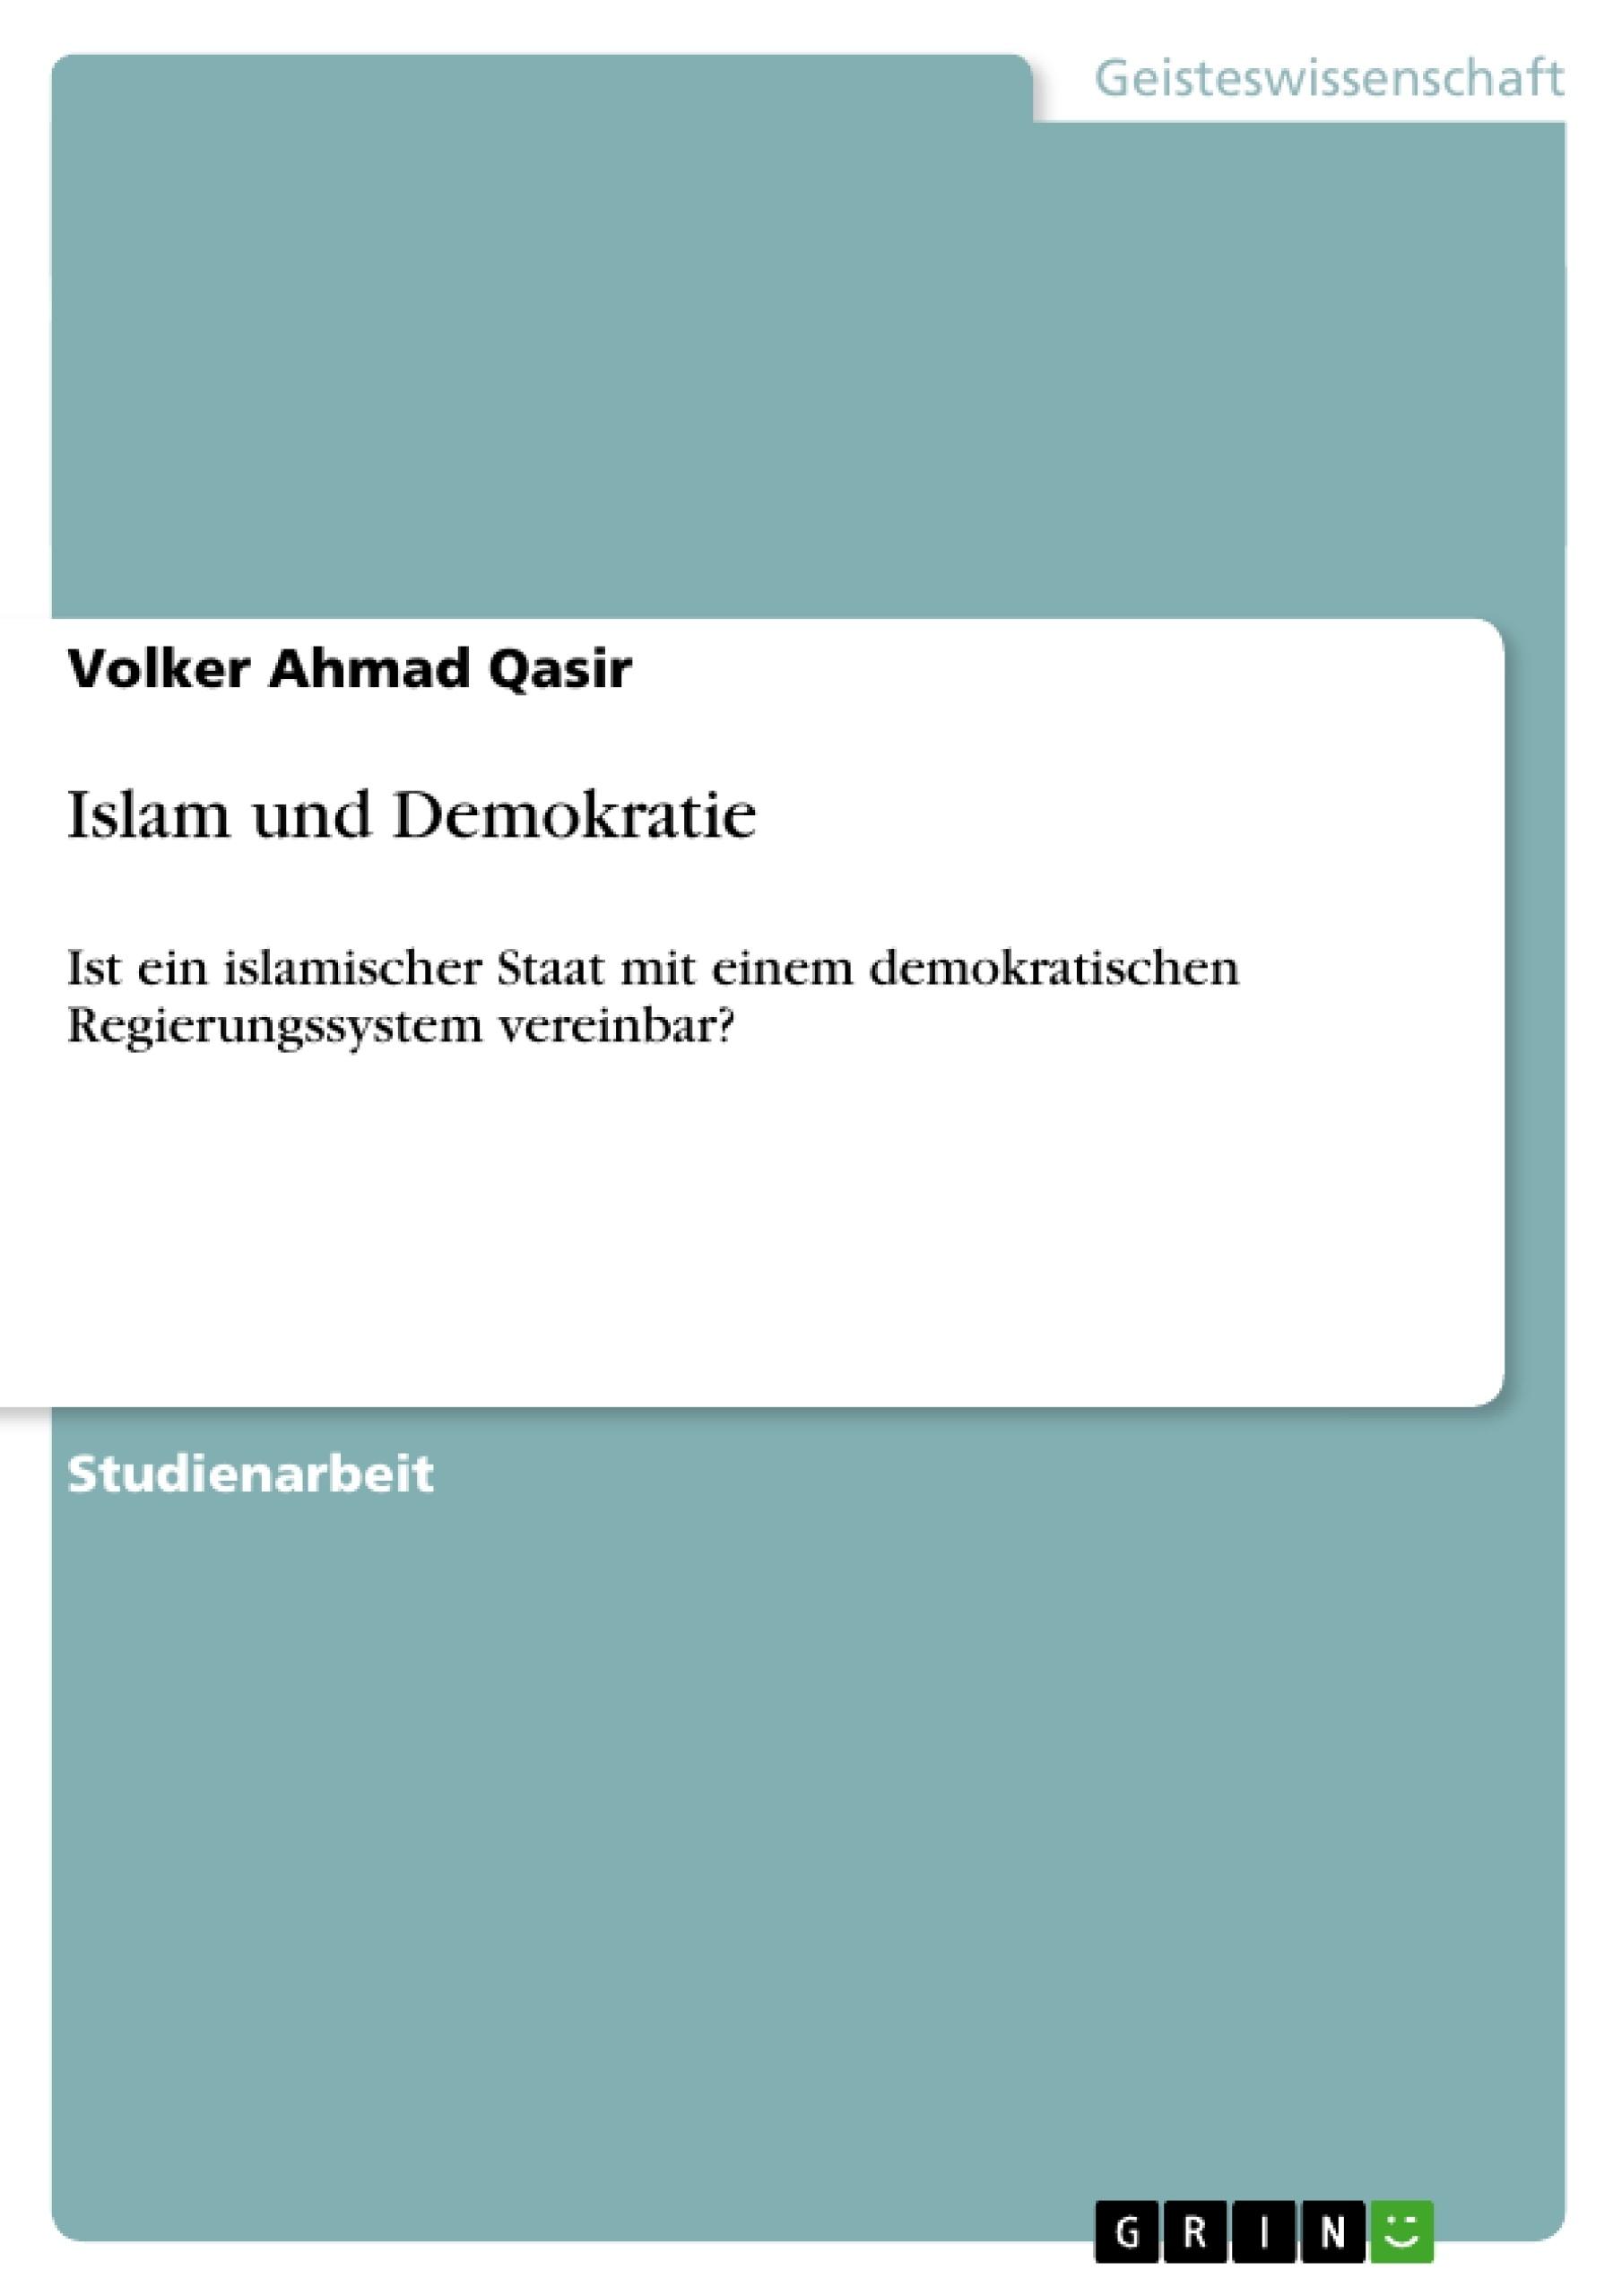 Titel: Islam und Demokratie